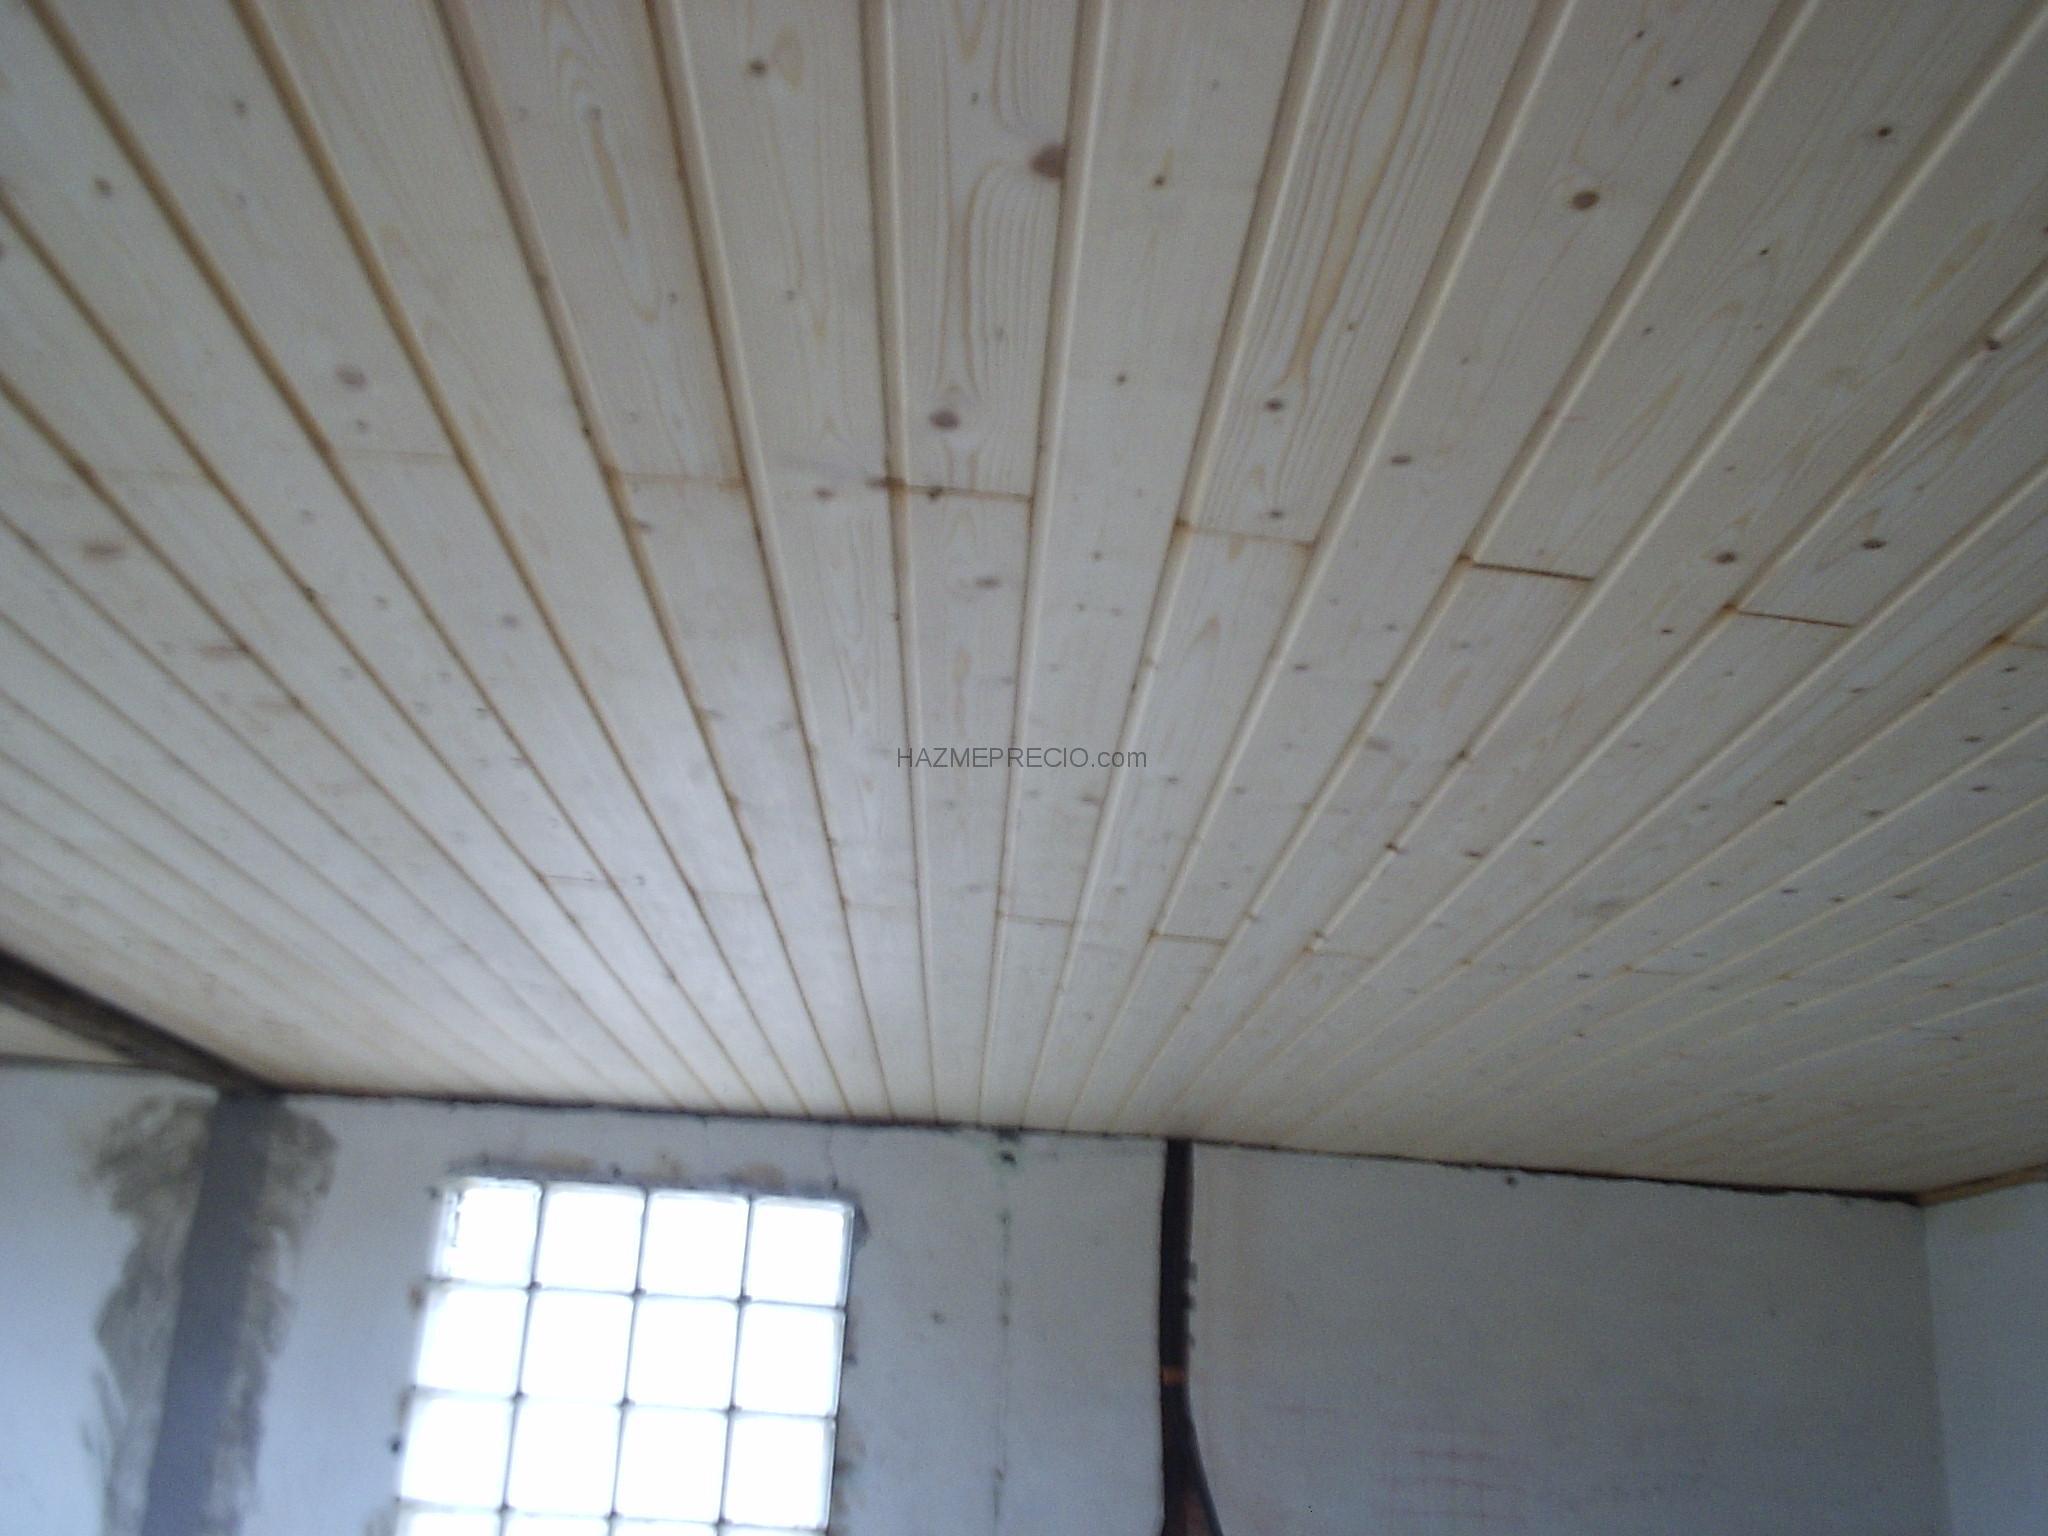 Presupuesto para colocar falso techo escayola en cocina 15 for Falso techo decorativo en escayola